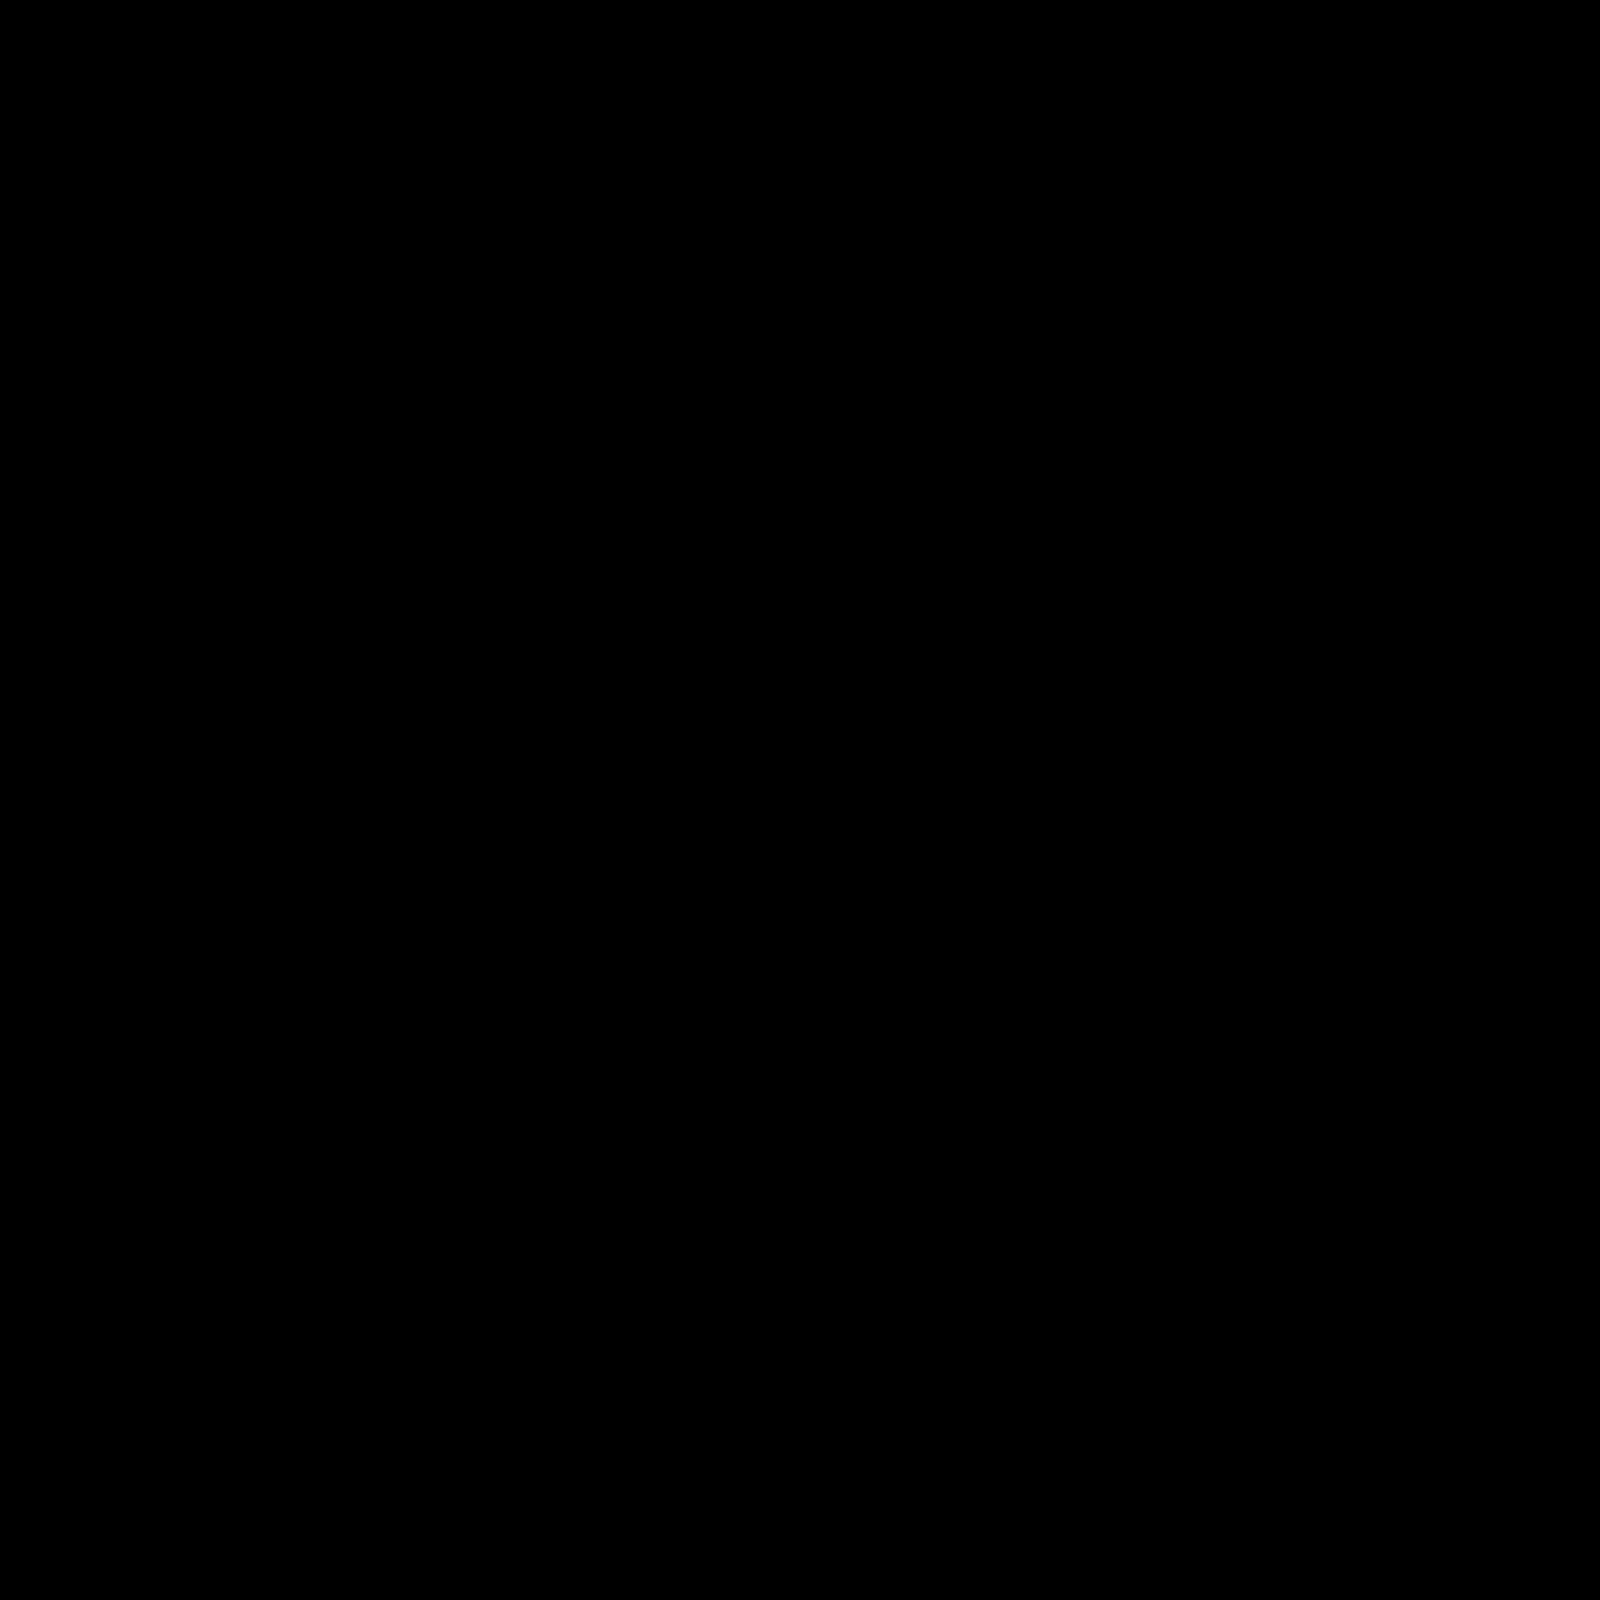 Open in Window icon